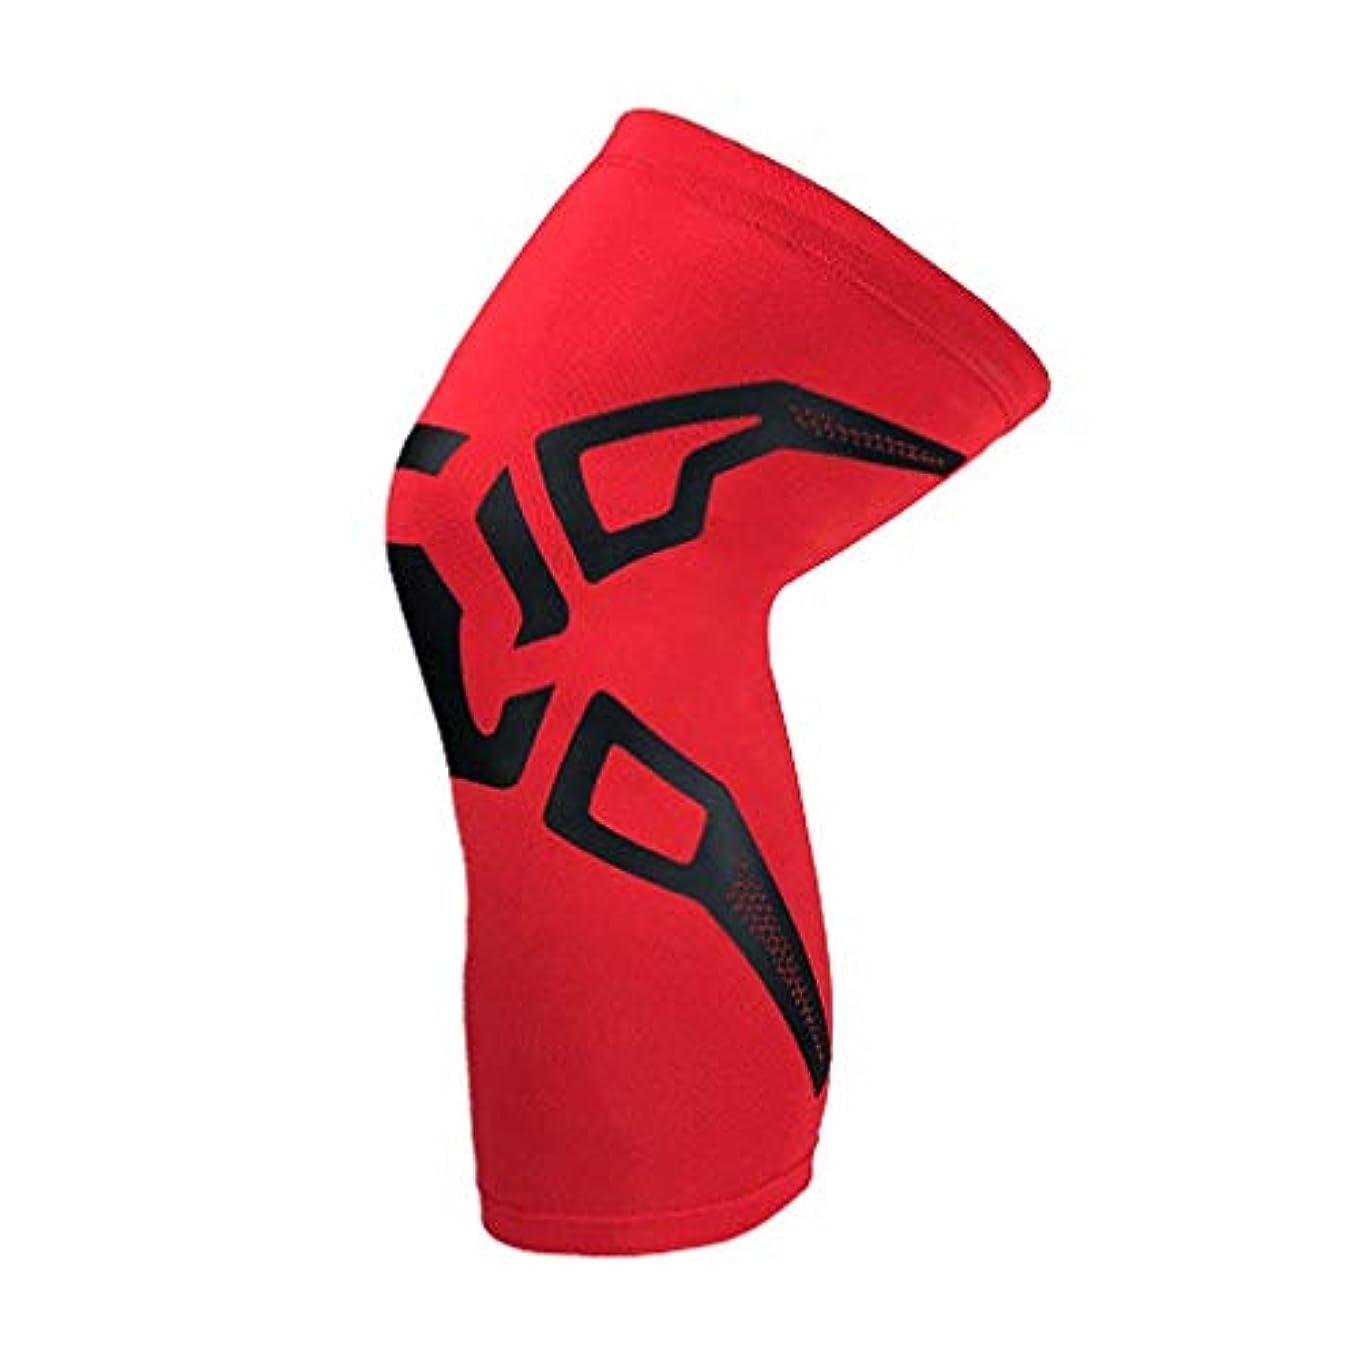 現実的塗抹送金膝サポート圧縮スリーブ膝ブレーストレーニング用弾性膝パッド-Rustle666